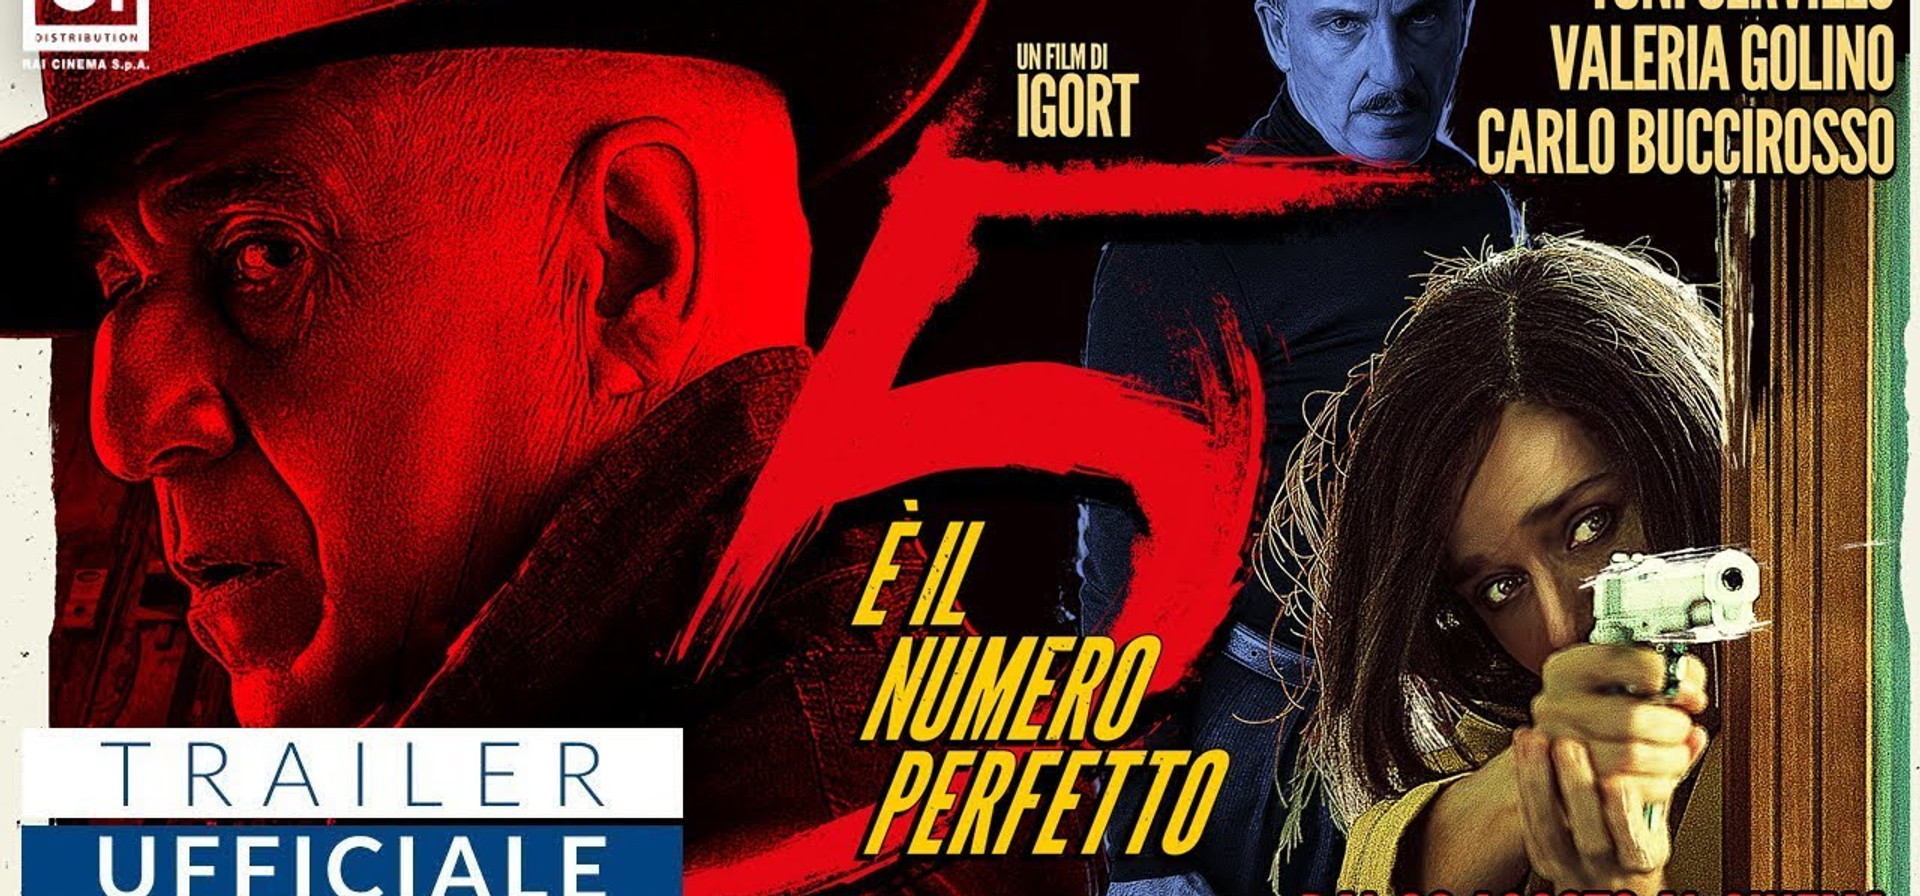 5 è il numero perfetto un film di Igort